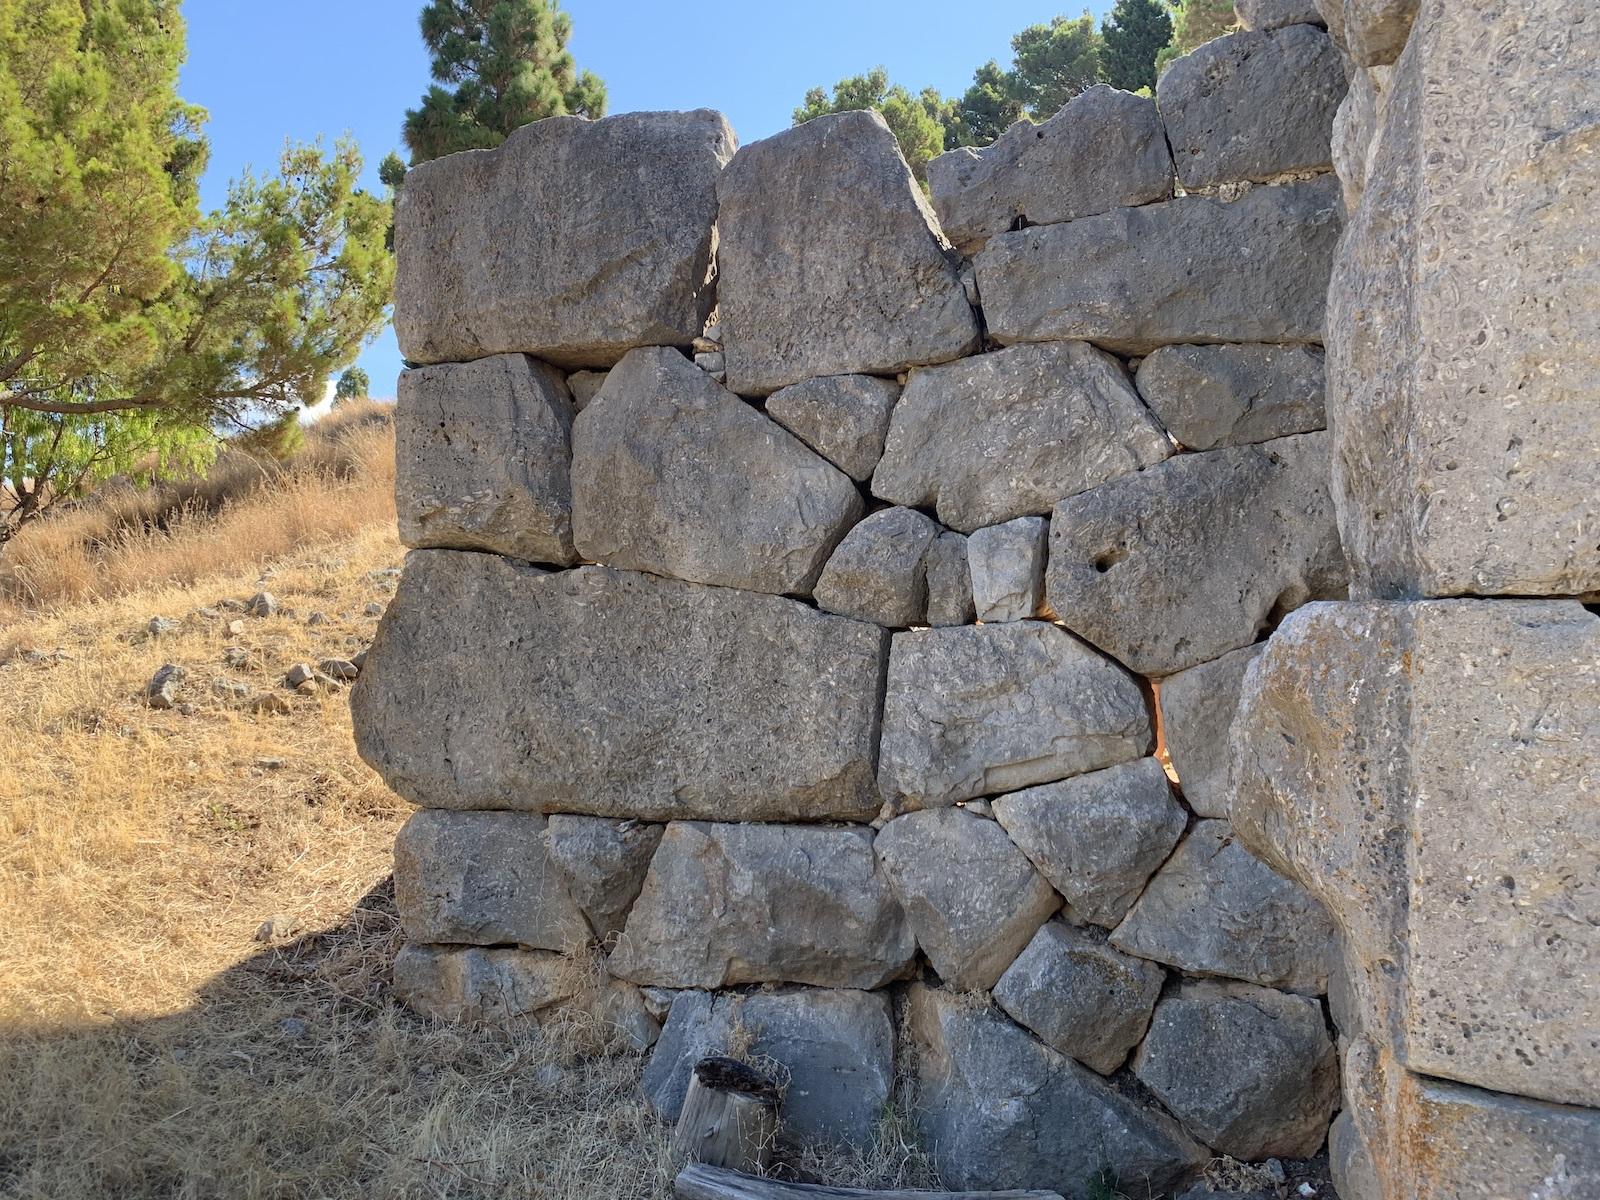 Na ez aztán az öreg, megalitikus korból származó épület